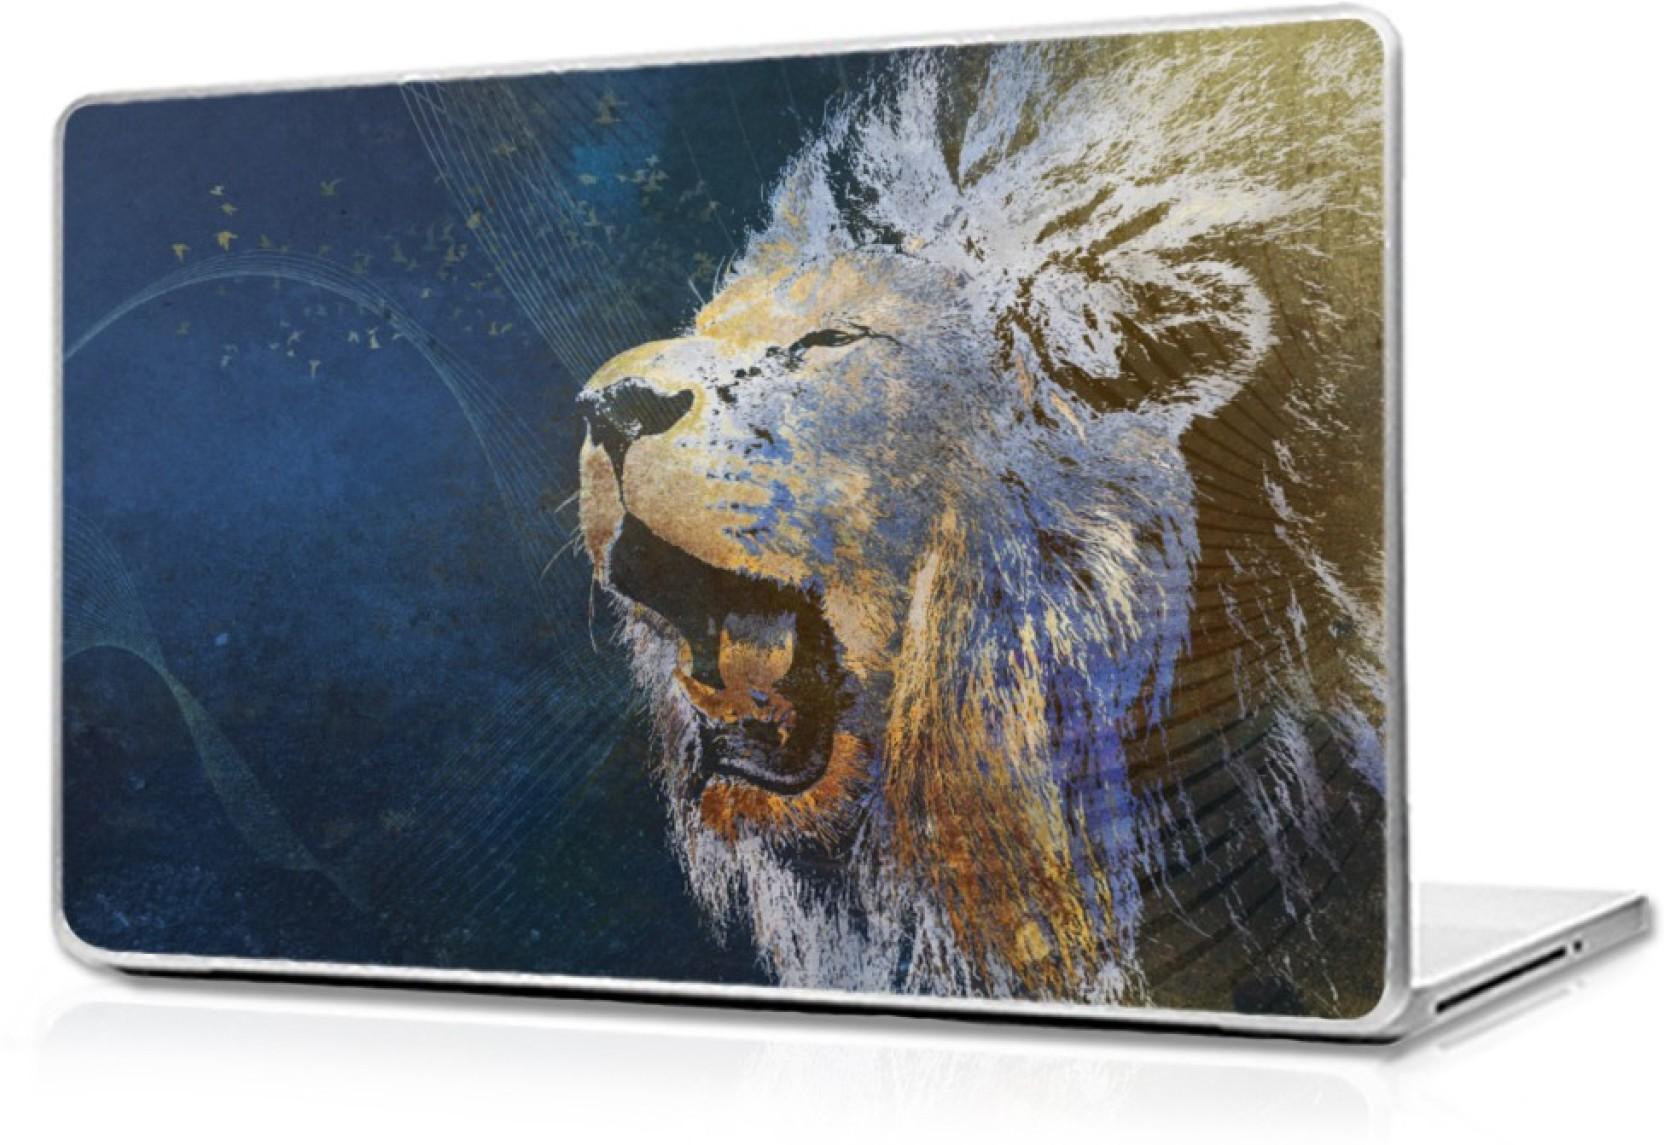 Digital Art Roaring Lions Art Prints - HD Wallpaper